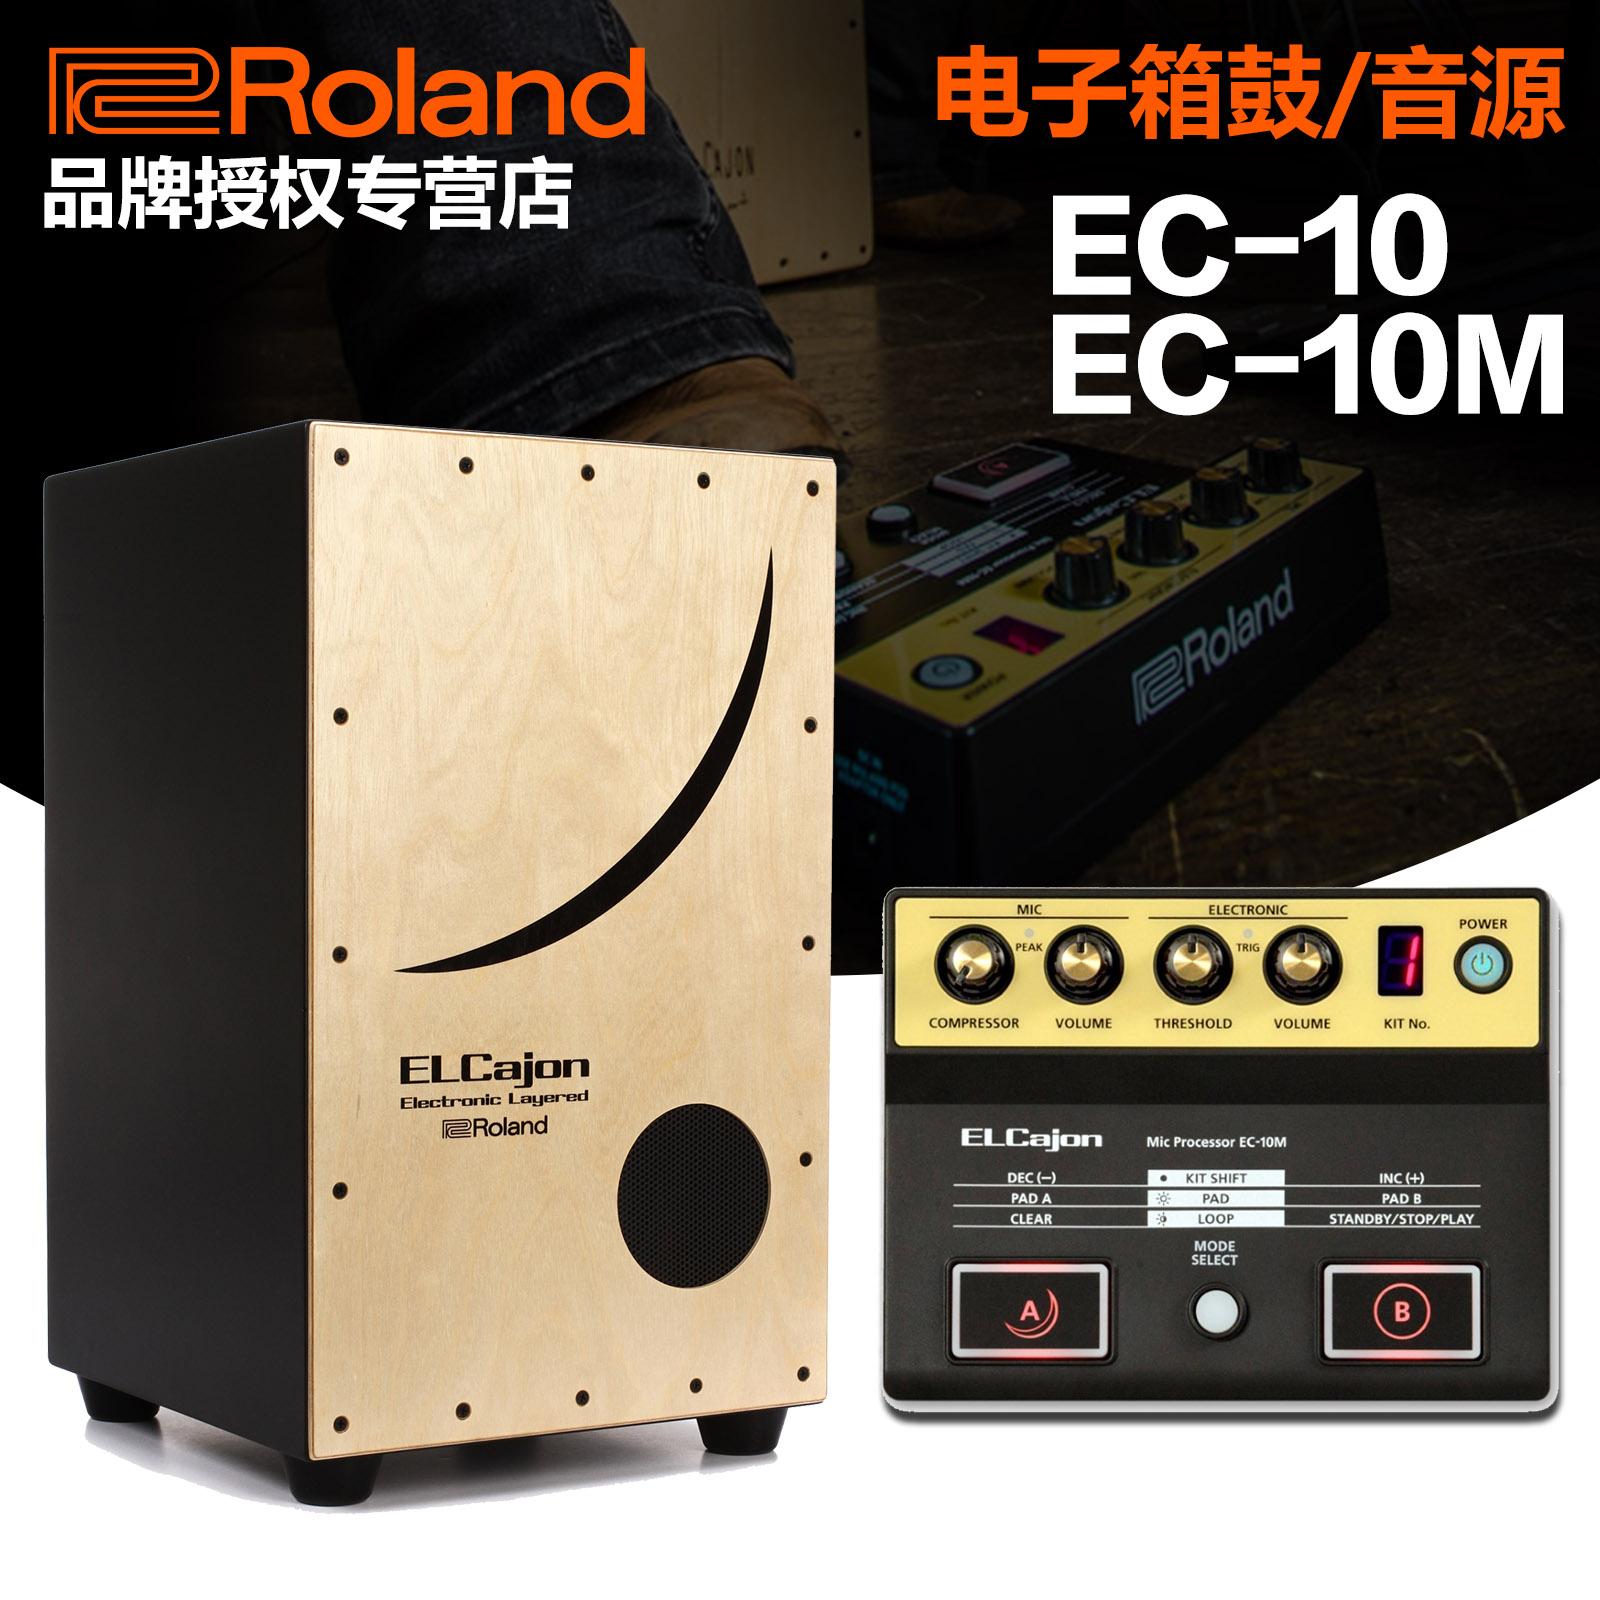 Роланд Roland EC-10 EC-10M cajon электронный звуковая дорожка карта макрос коробка барабан коснуться произношение источник